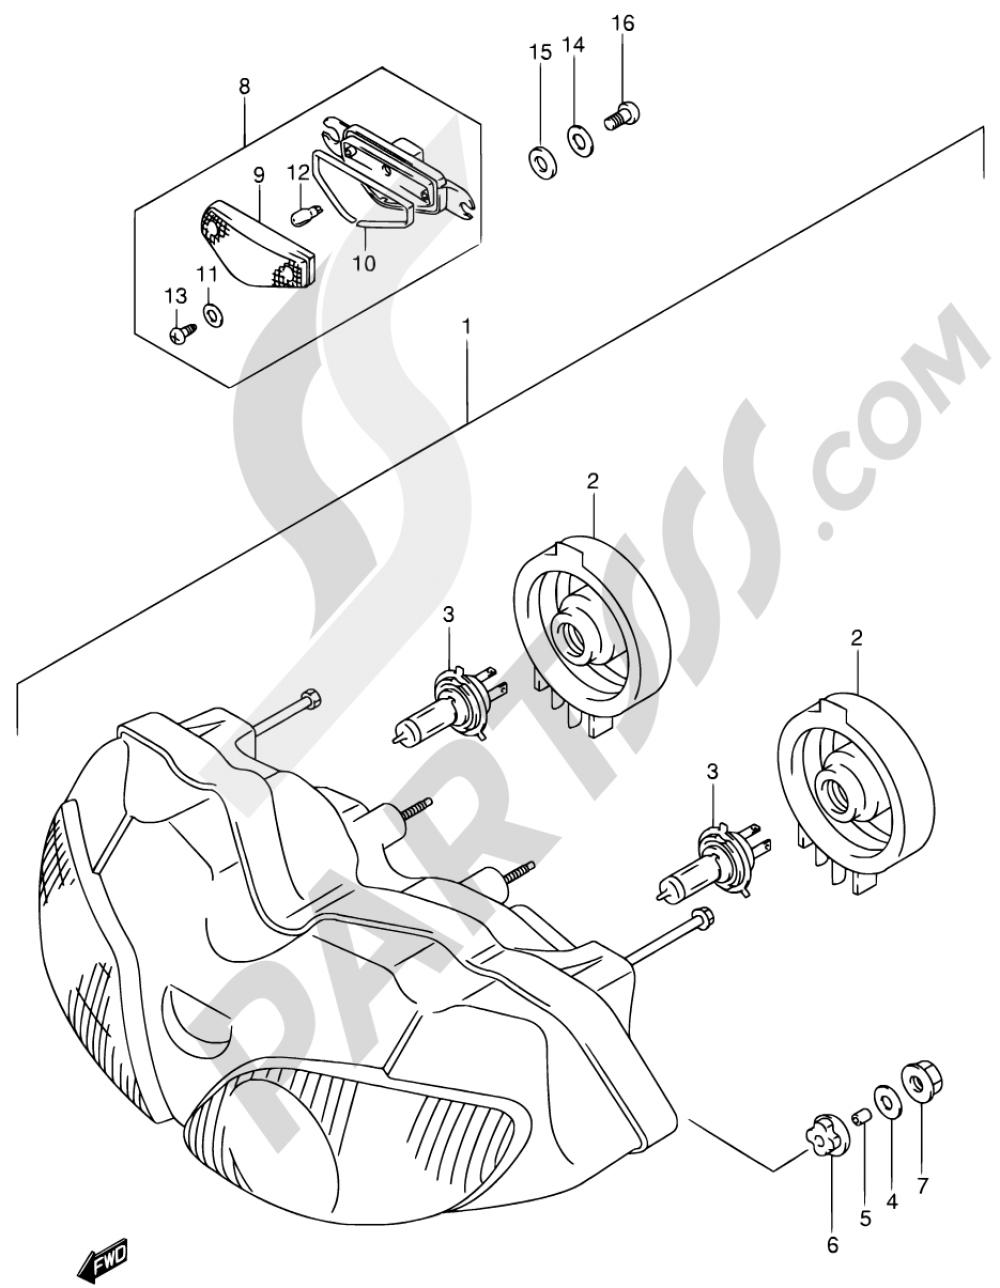 26A - HEADLAMP (SV650SX/SY/SK1/SK2 E02,E24) Suzuki SV650 2000